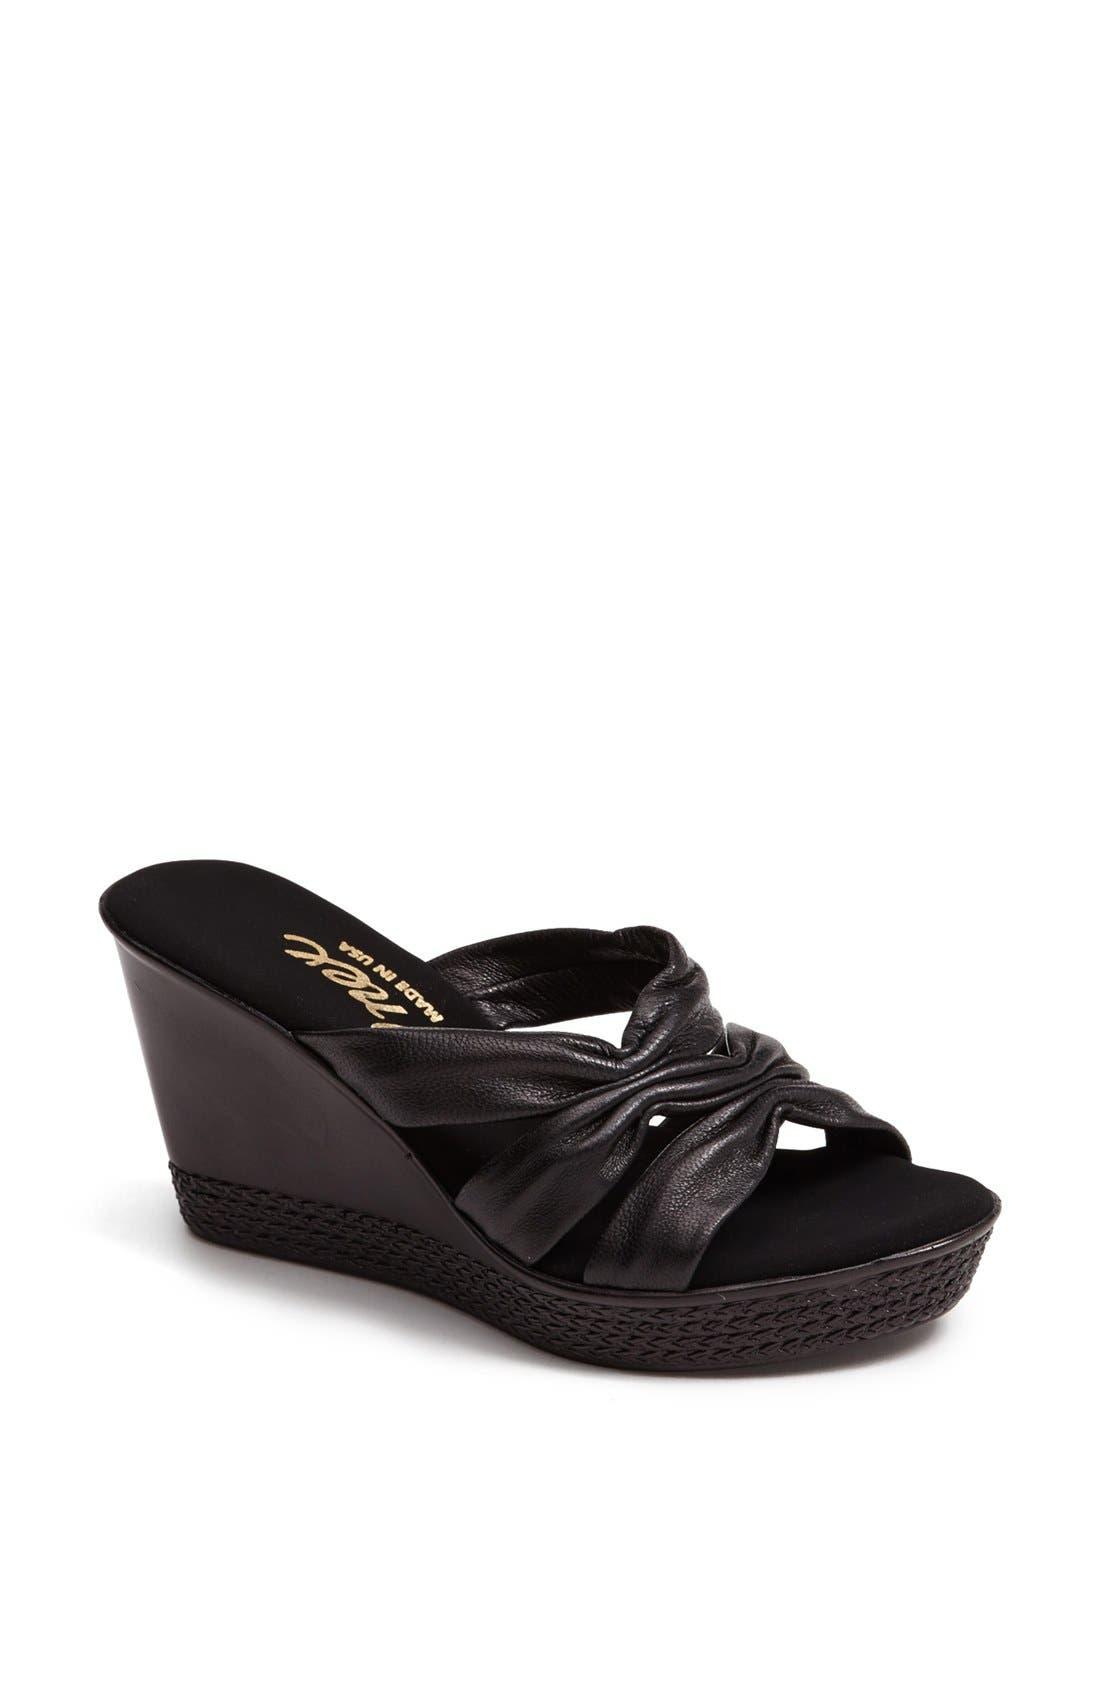 Main Image - Onex 'Felicity' Wedge Sandal